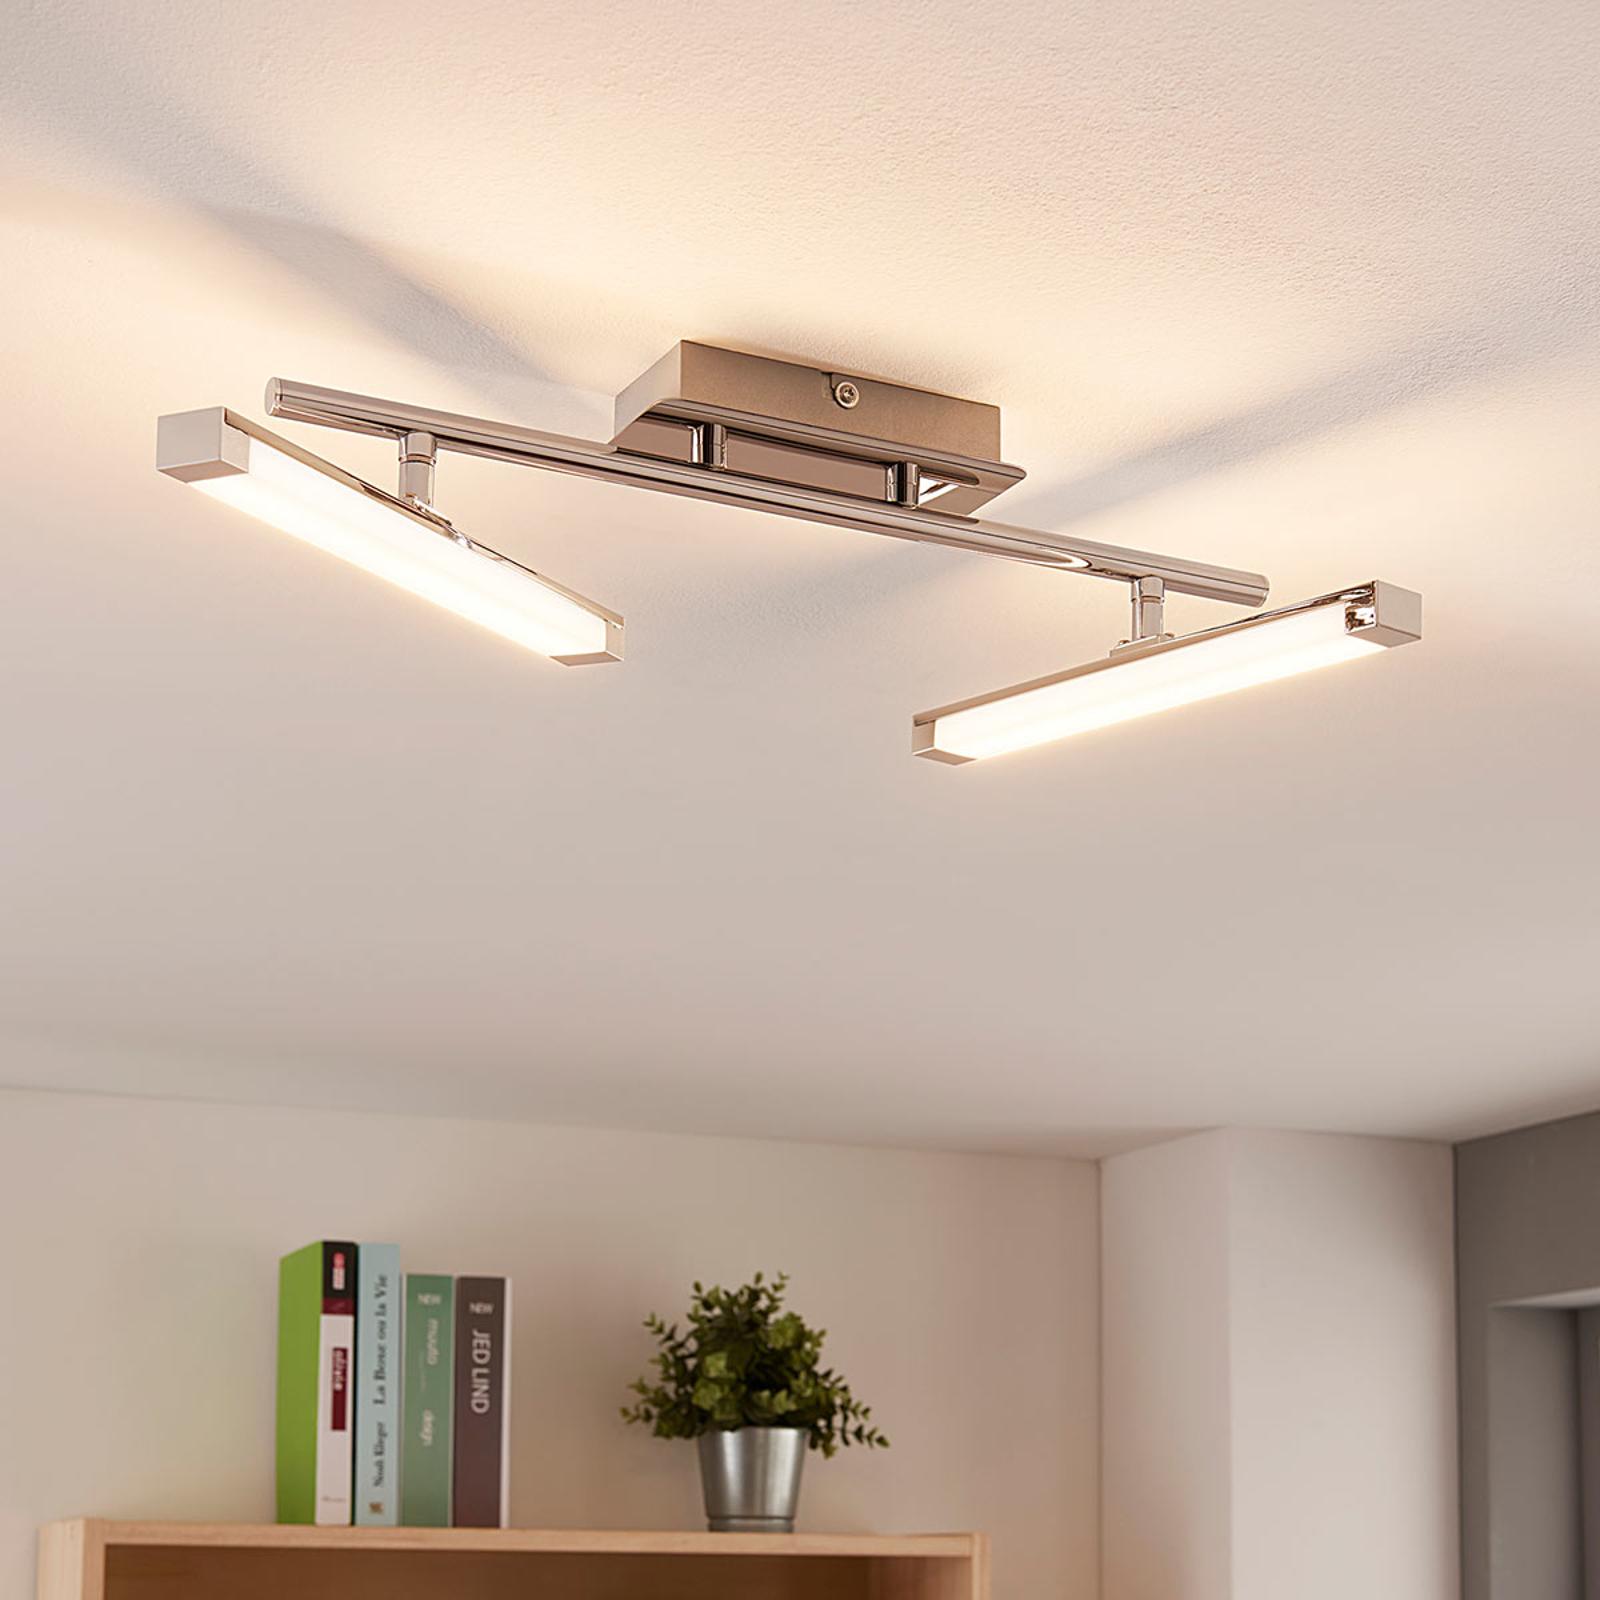 Moderne LED plafondlamp Pilou, 3-traps dimbaar